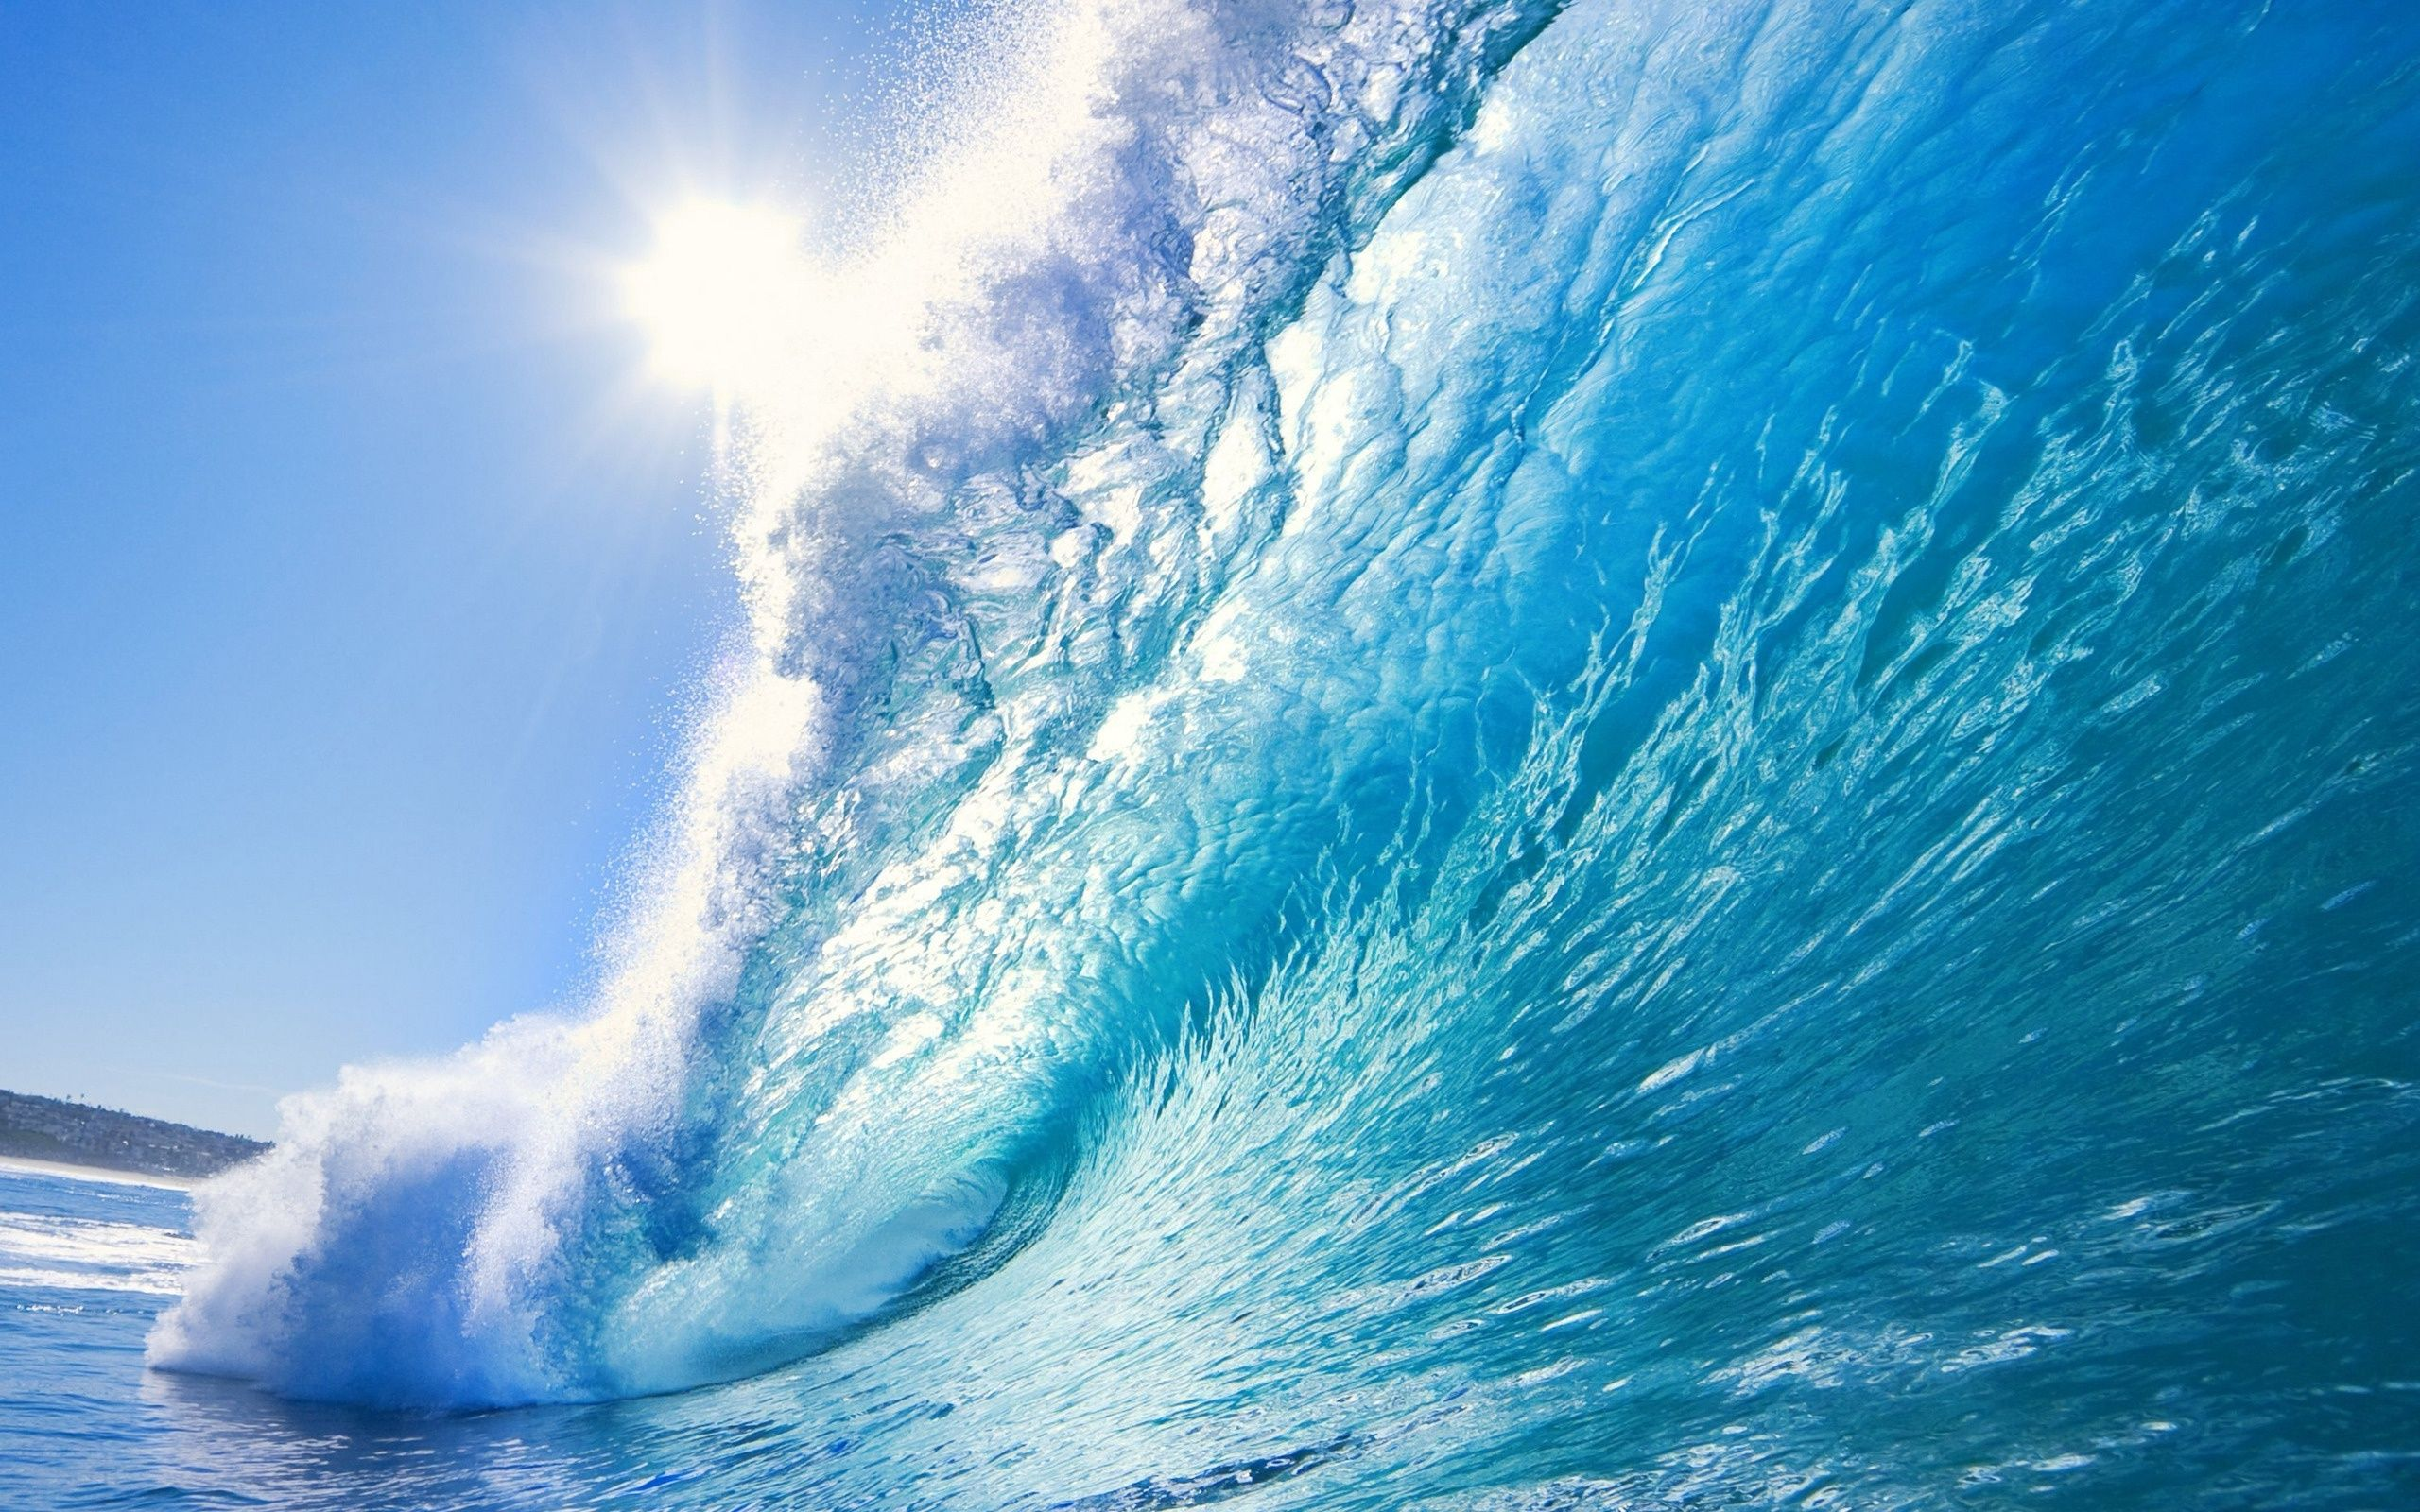 wallpapers of ocean ocean background wallpapers ocean wallpapers 2560x1600